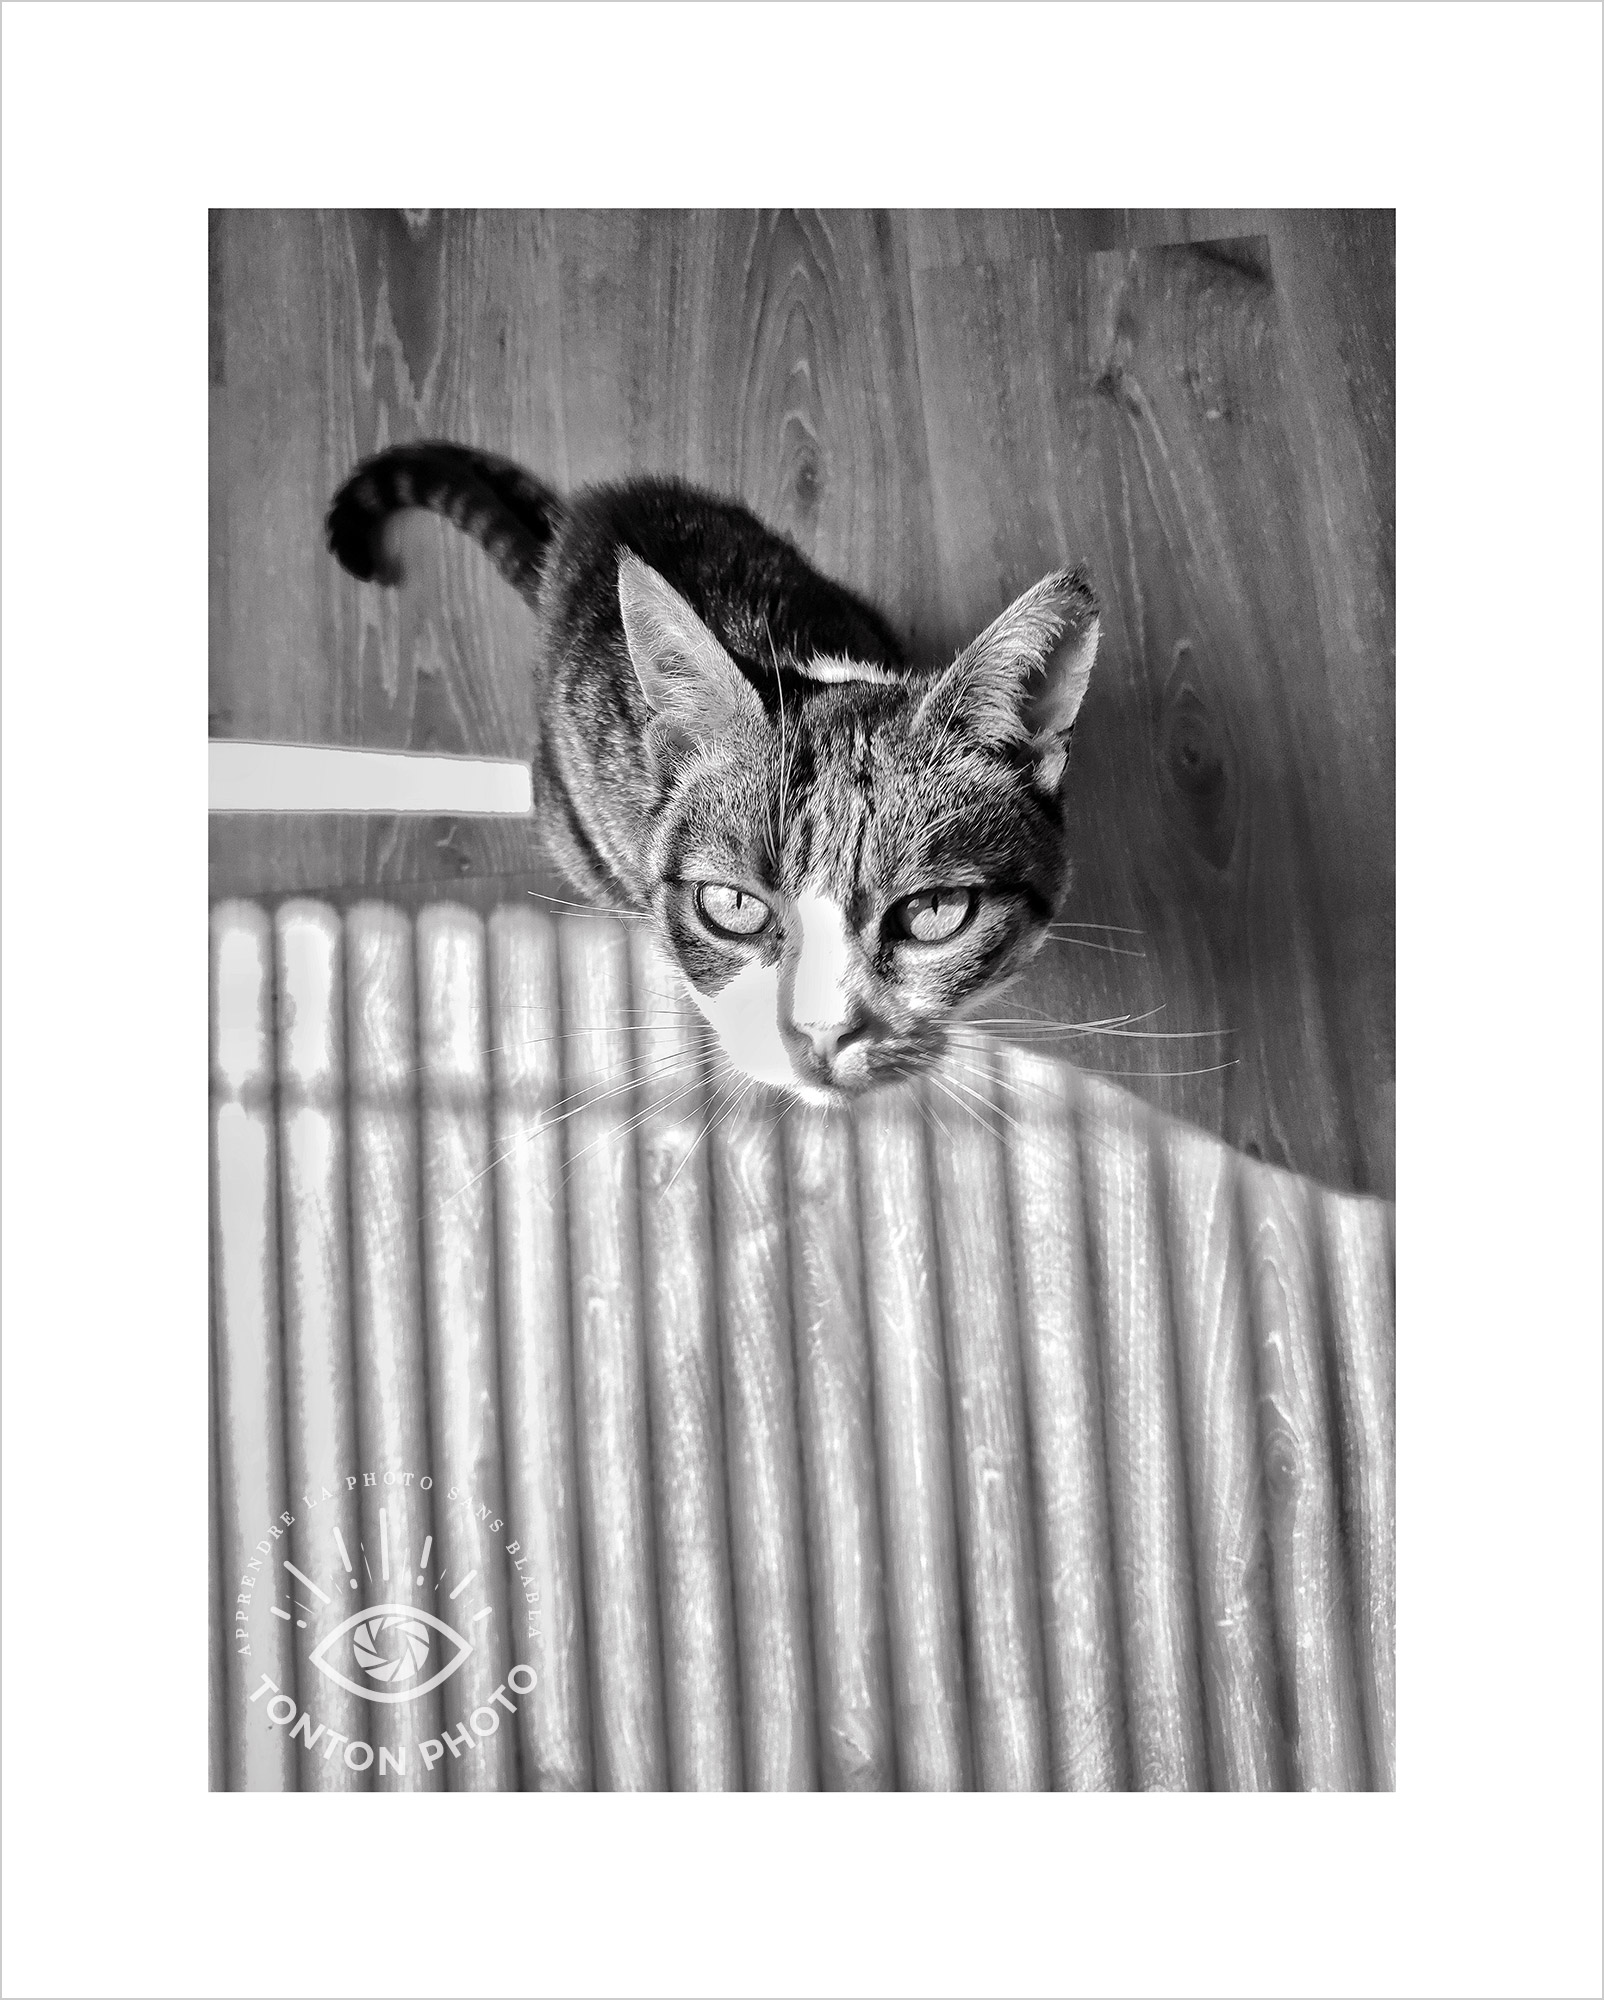 Jeu d'ombre et de lumière projeté sur le chat à travers les stores du bureau. Photo prise au smartphone Xiaomi Mi Mix 3 © Tonton Photo